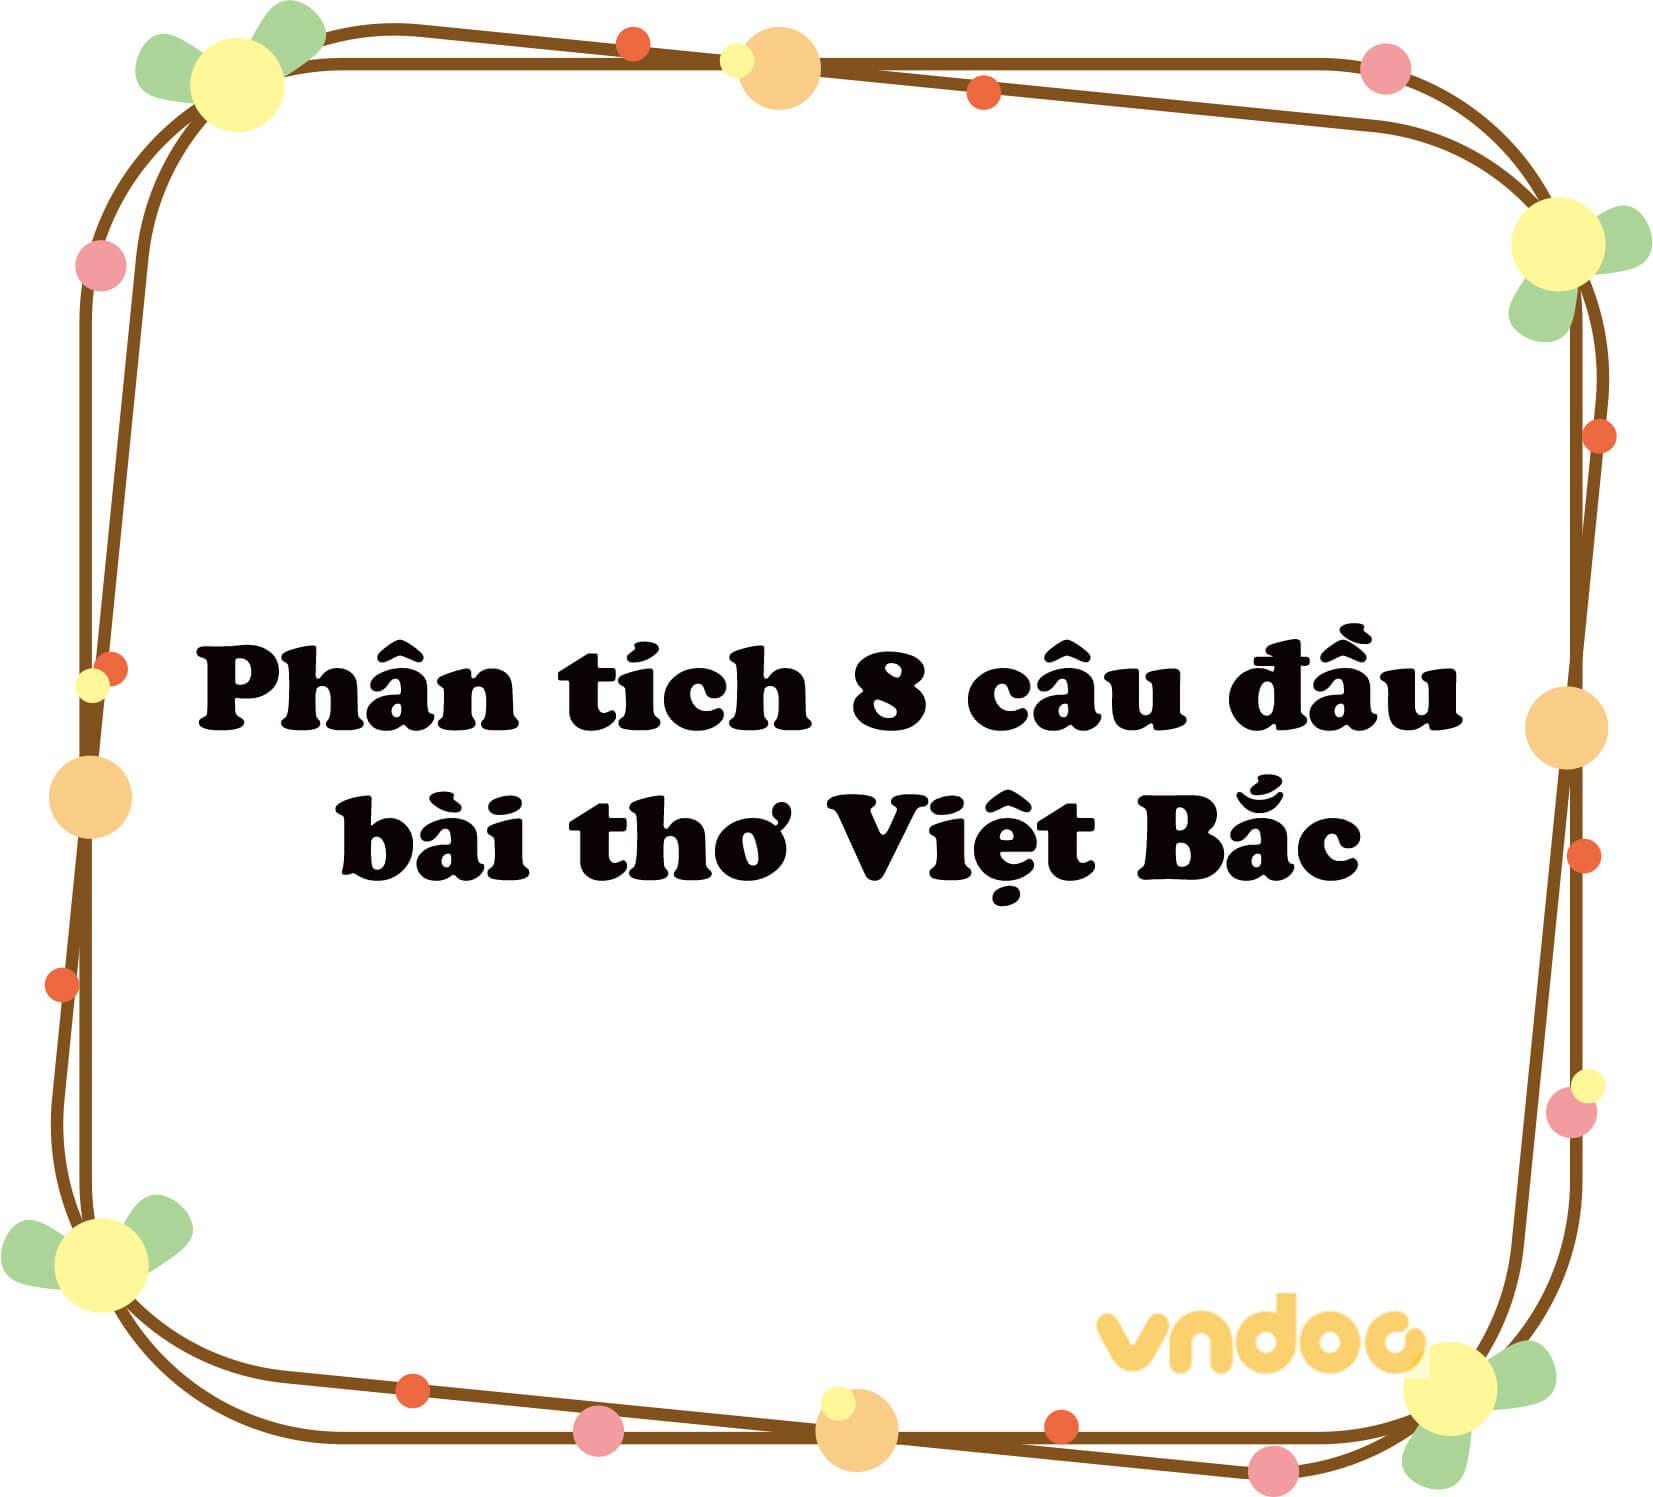 Phân tích 8 câu đầu Việt Bắc Hay Chọn Lọc